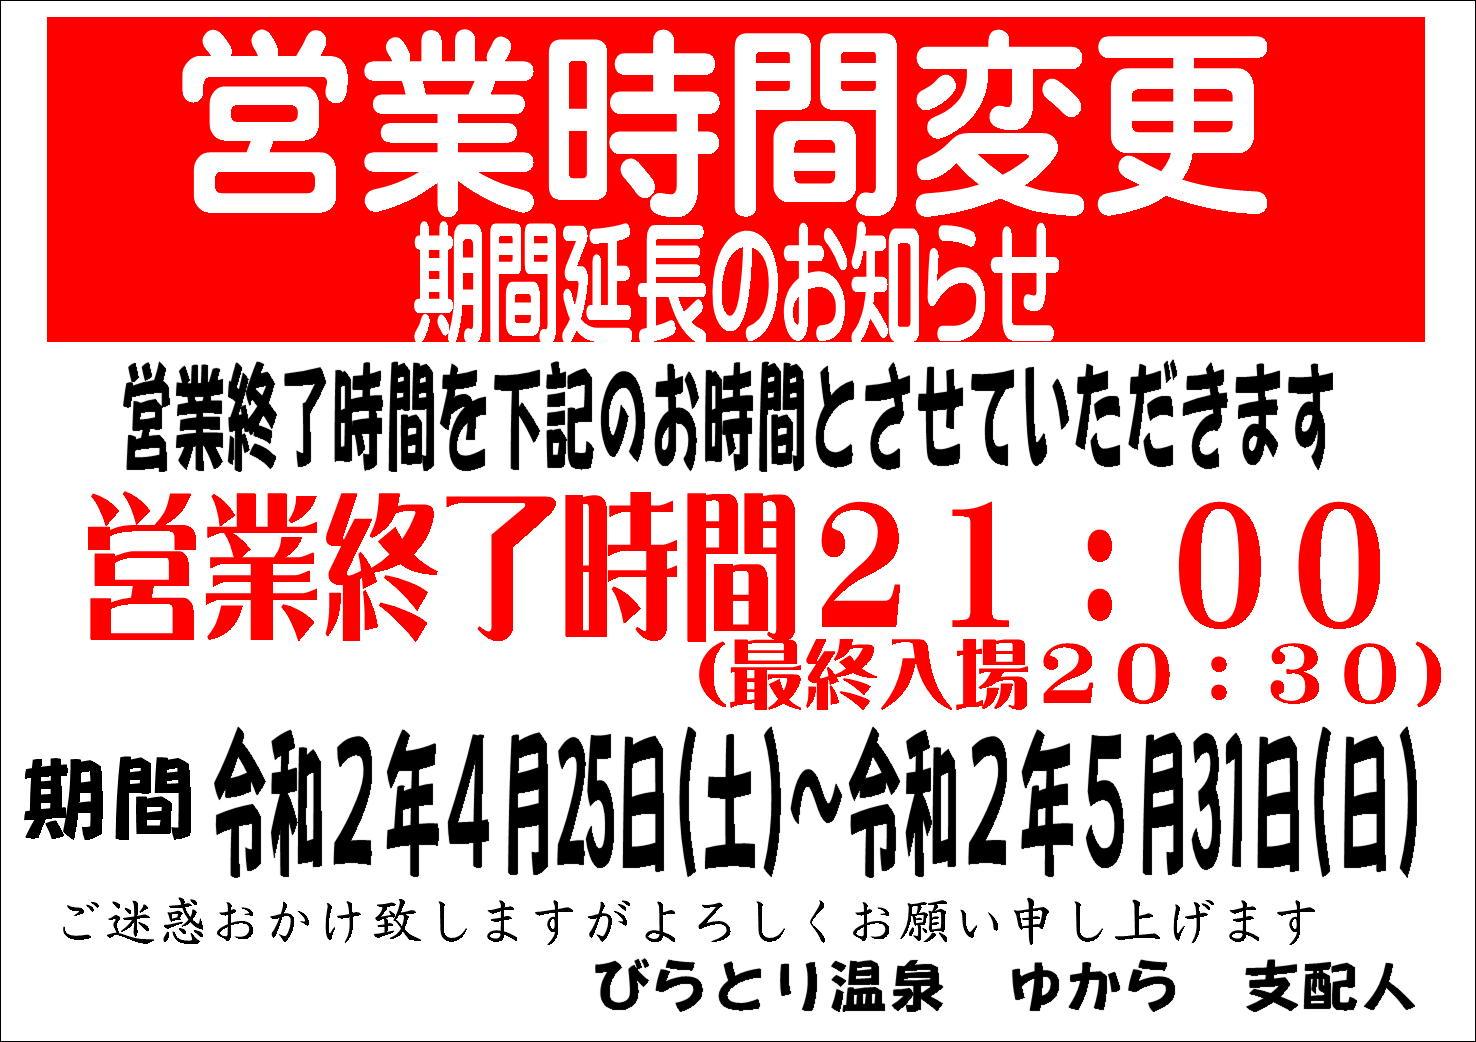 営業時間変更5月31日まで.JPEG